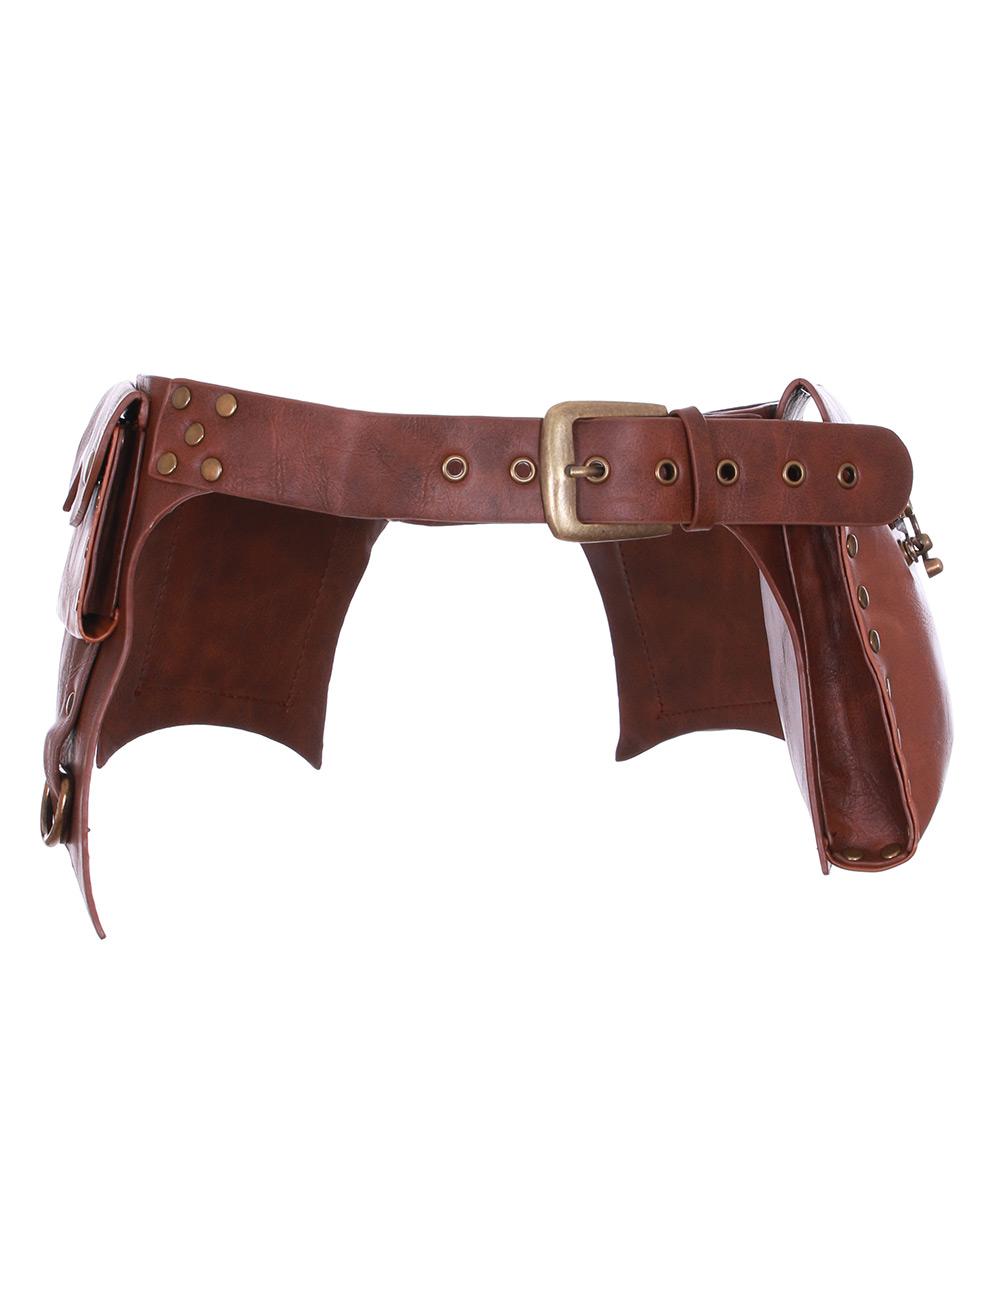 Steampunk utility ceinture en noir ou marron en cuir synthétique avec poches /& rivets